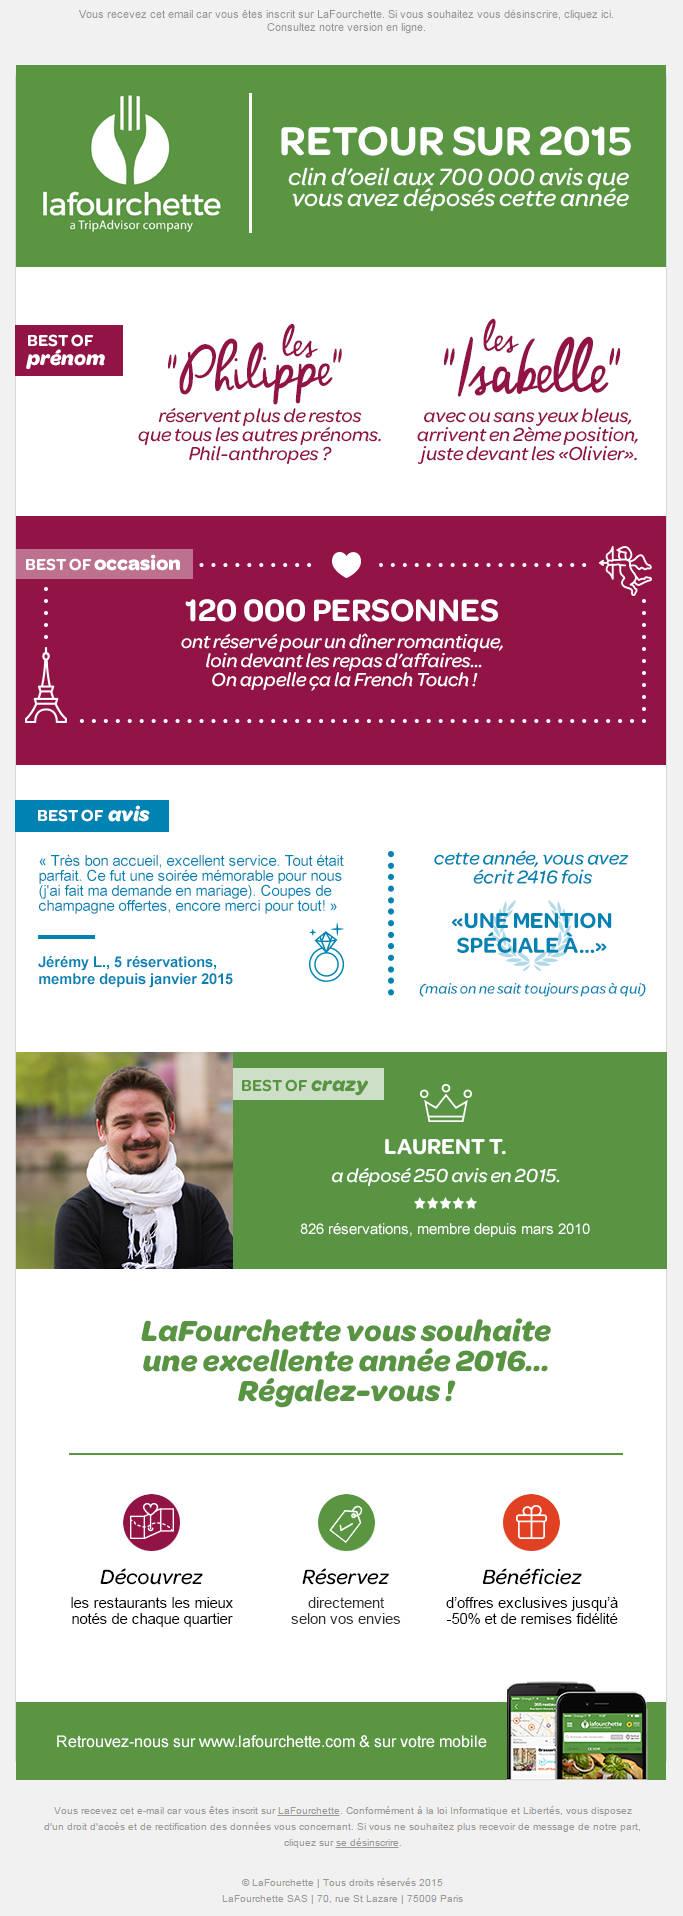 2016-01-06-lafourchette-PC